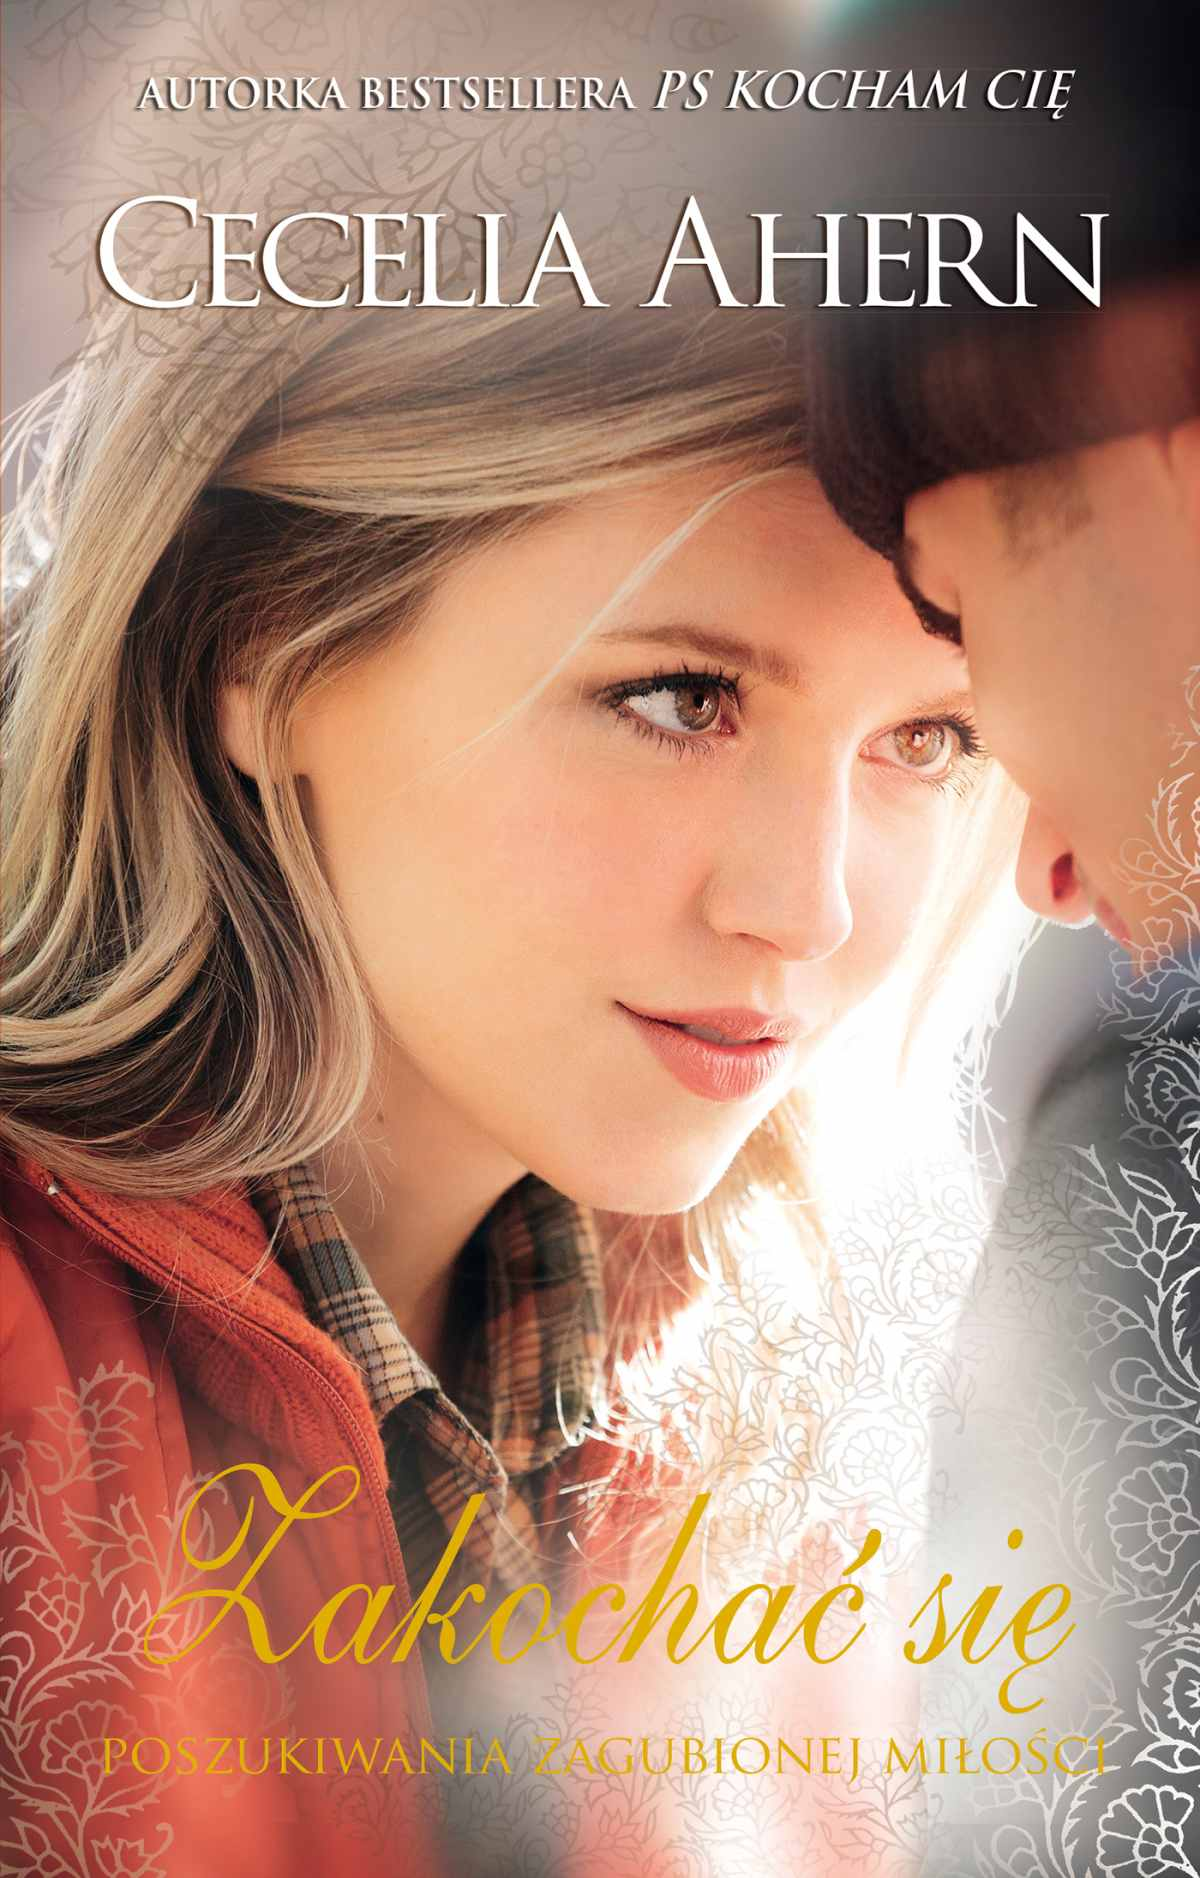 Zakochać się - Ebook (Książka EPUB) do pobrania w formacie EPUB